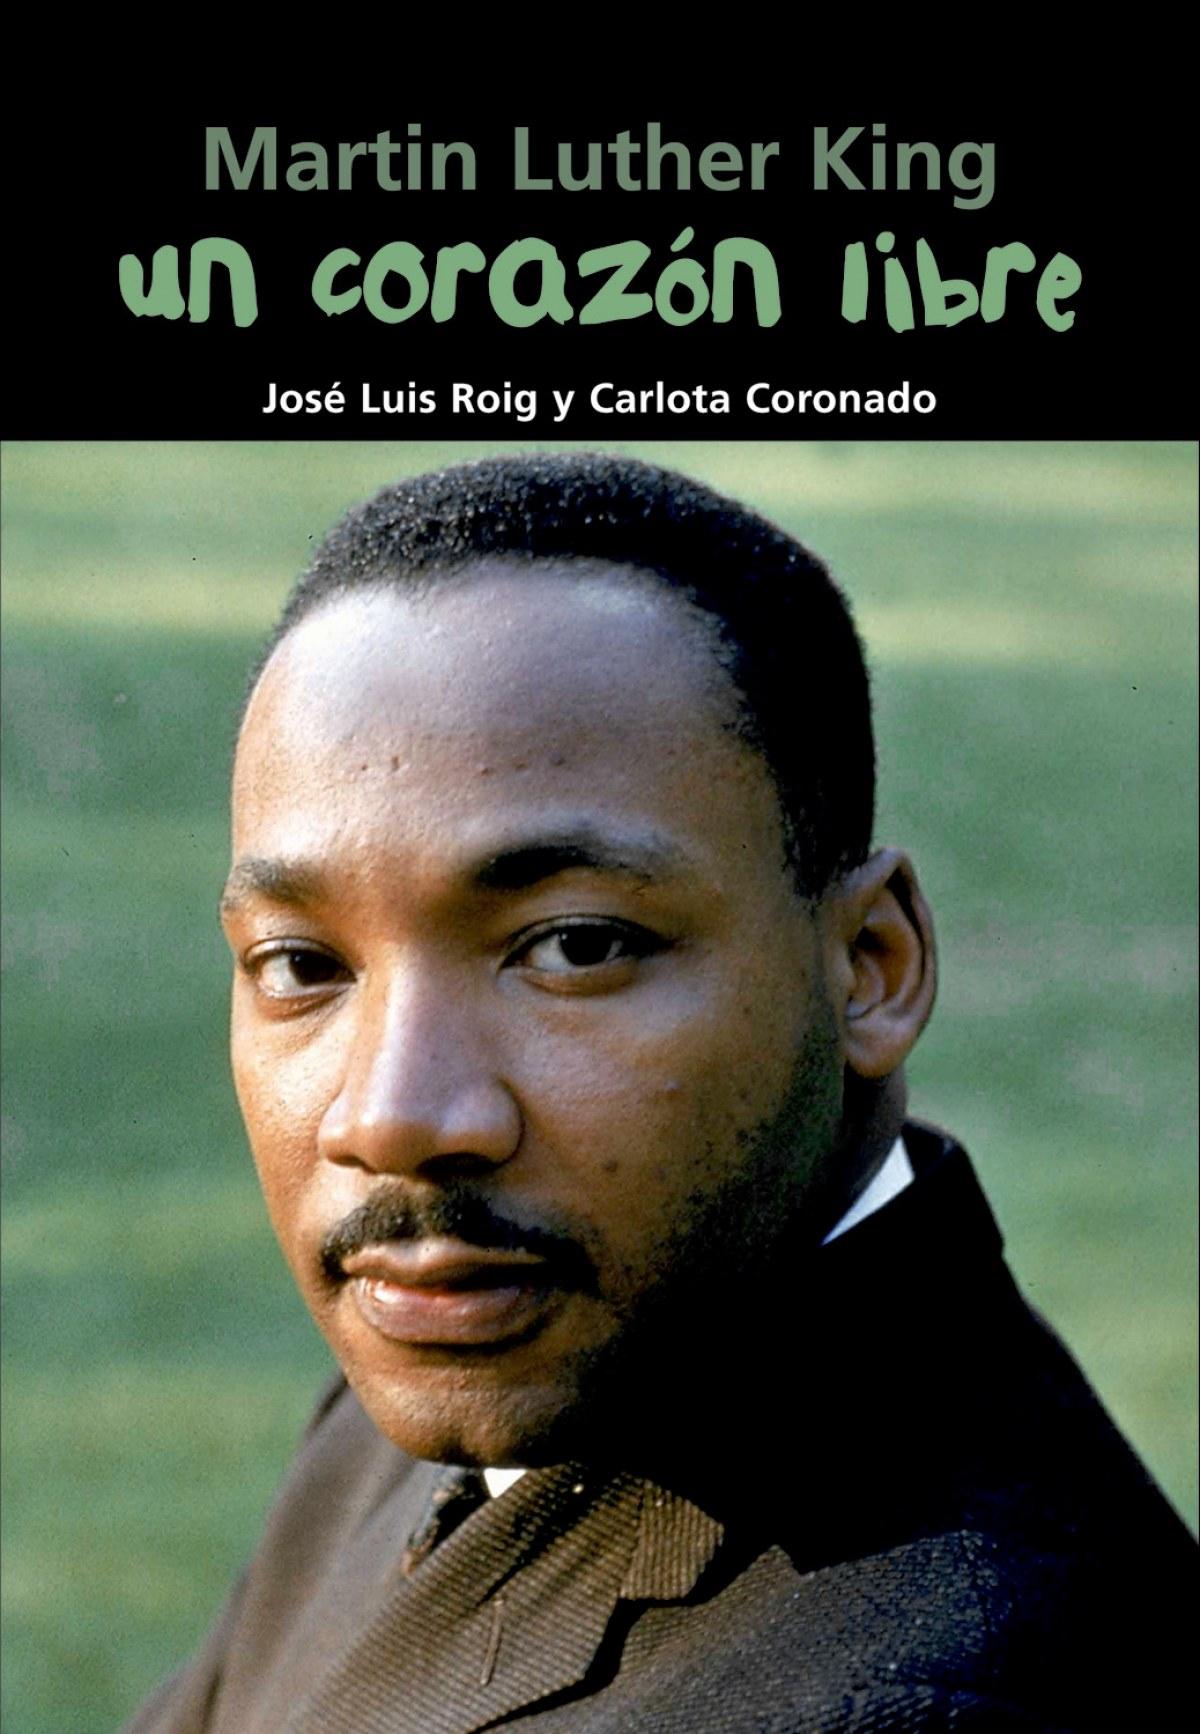 Un corazón libre (Martin Luther King) 9788421843352